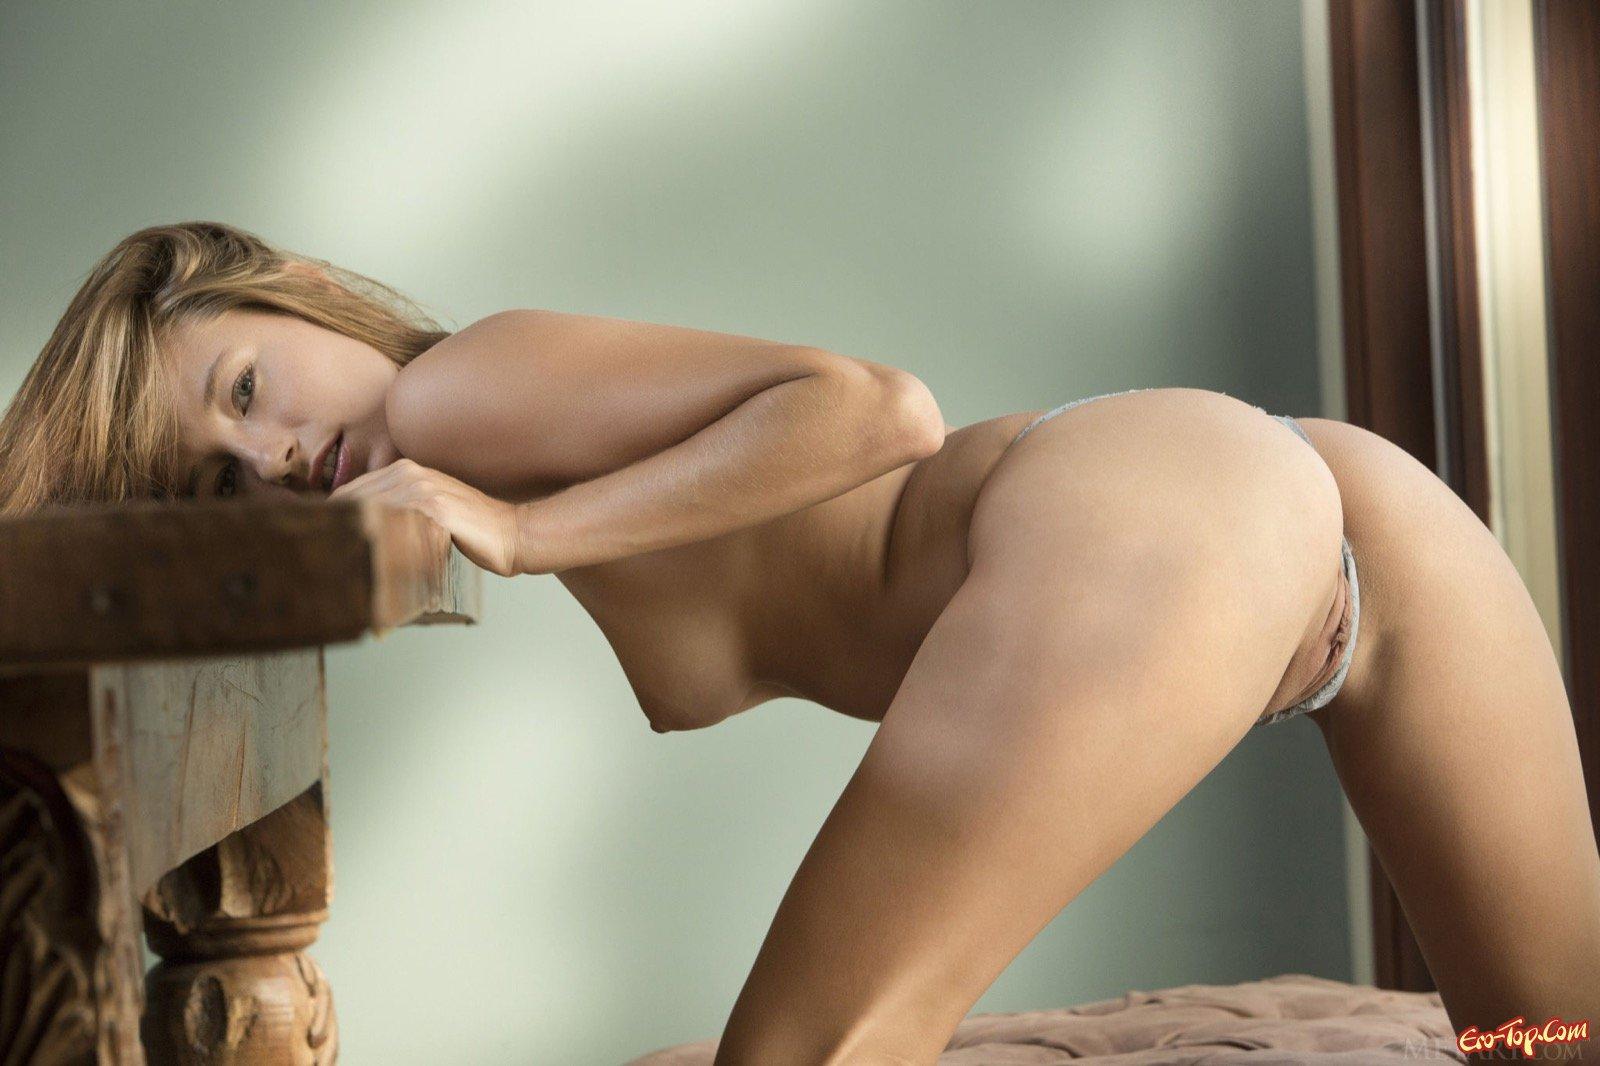 Русая девушка оголившись показывает гладкую киску